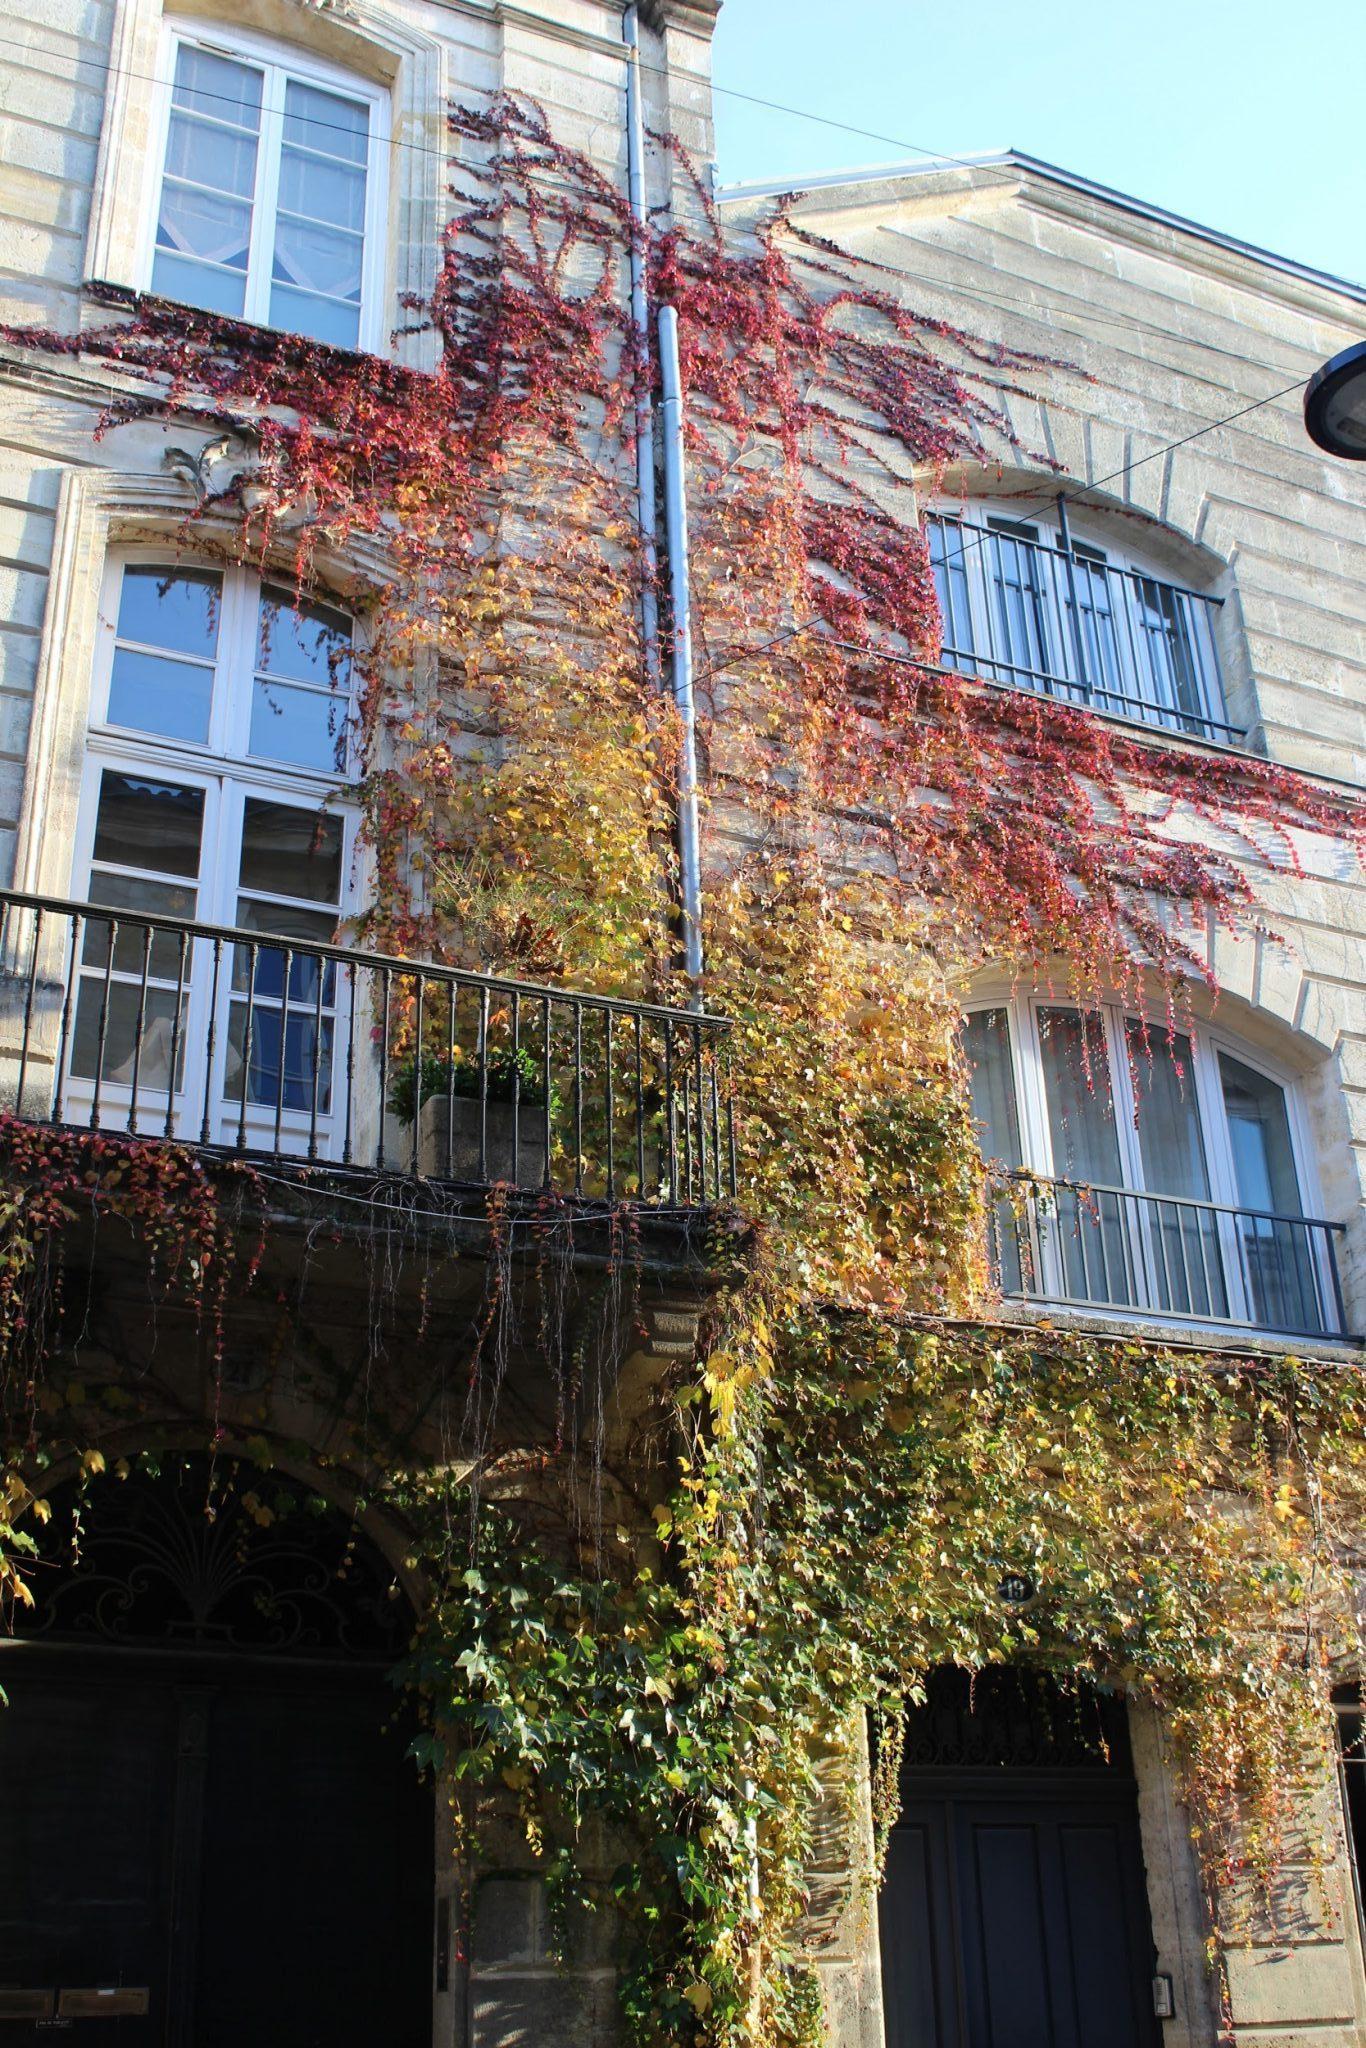 Rue Borie dégradé de couleurs